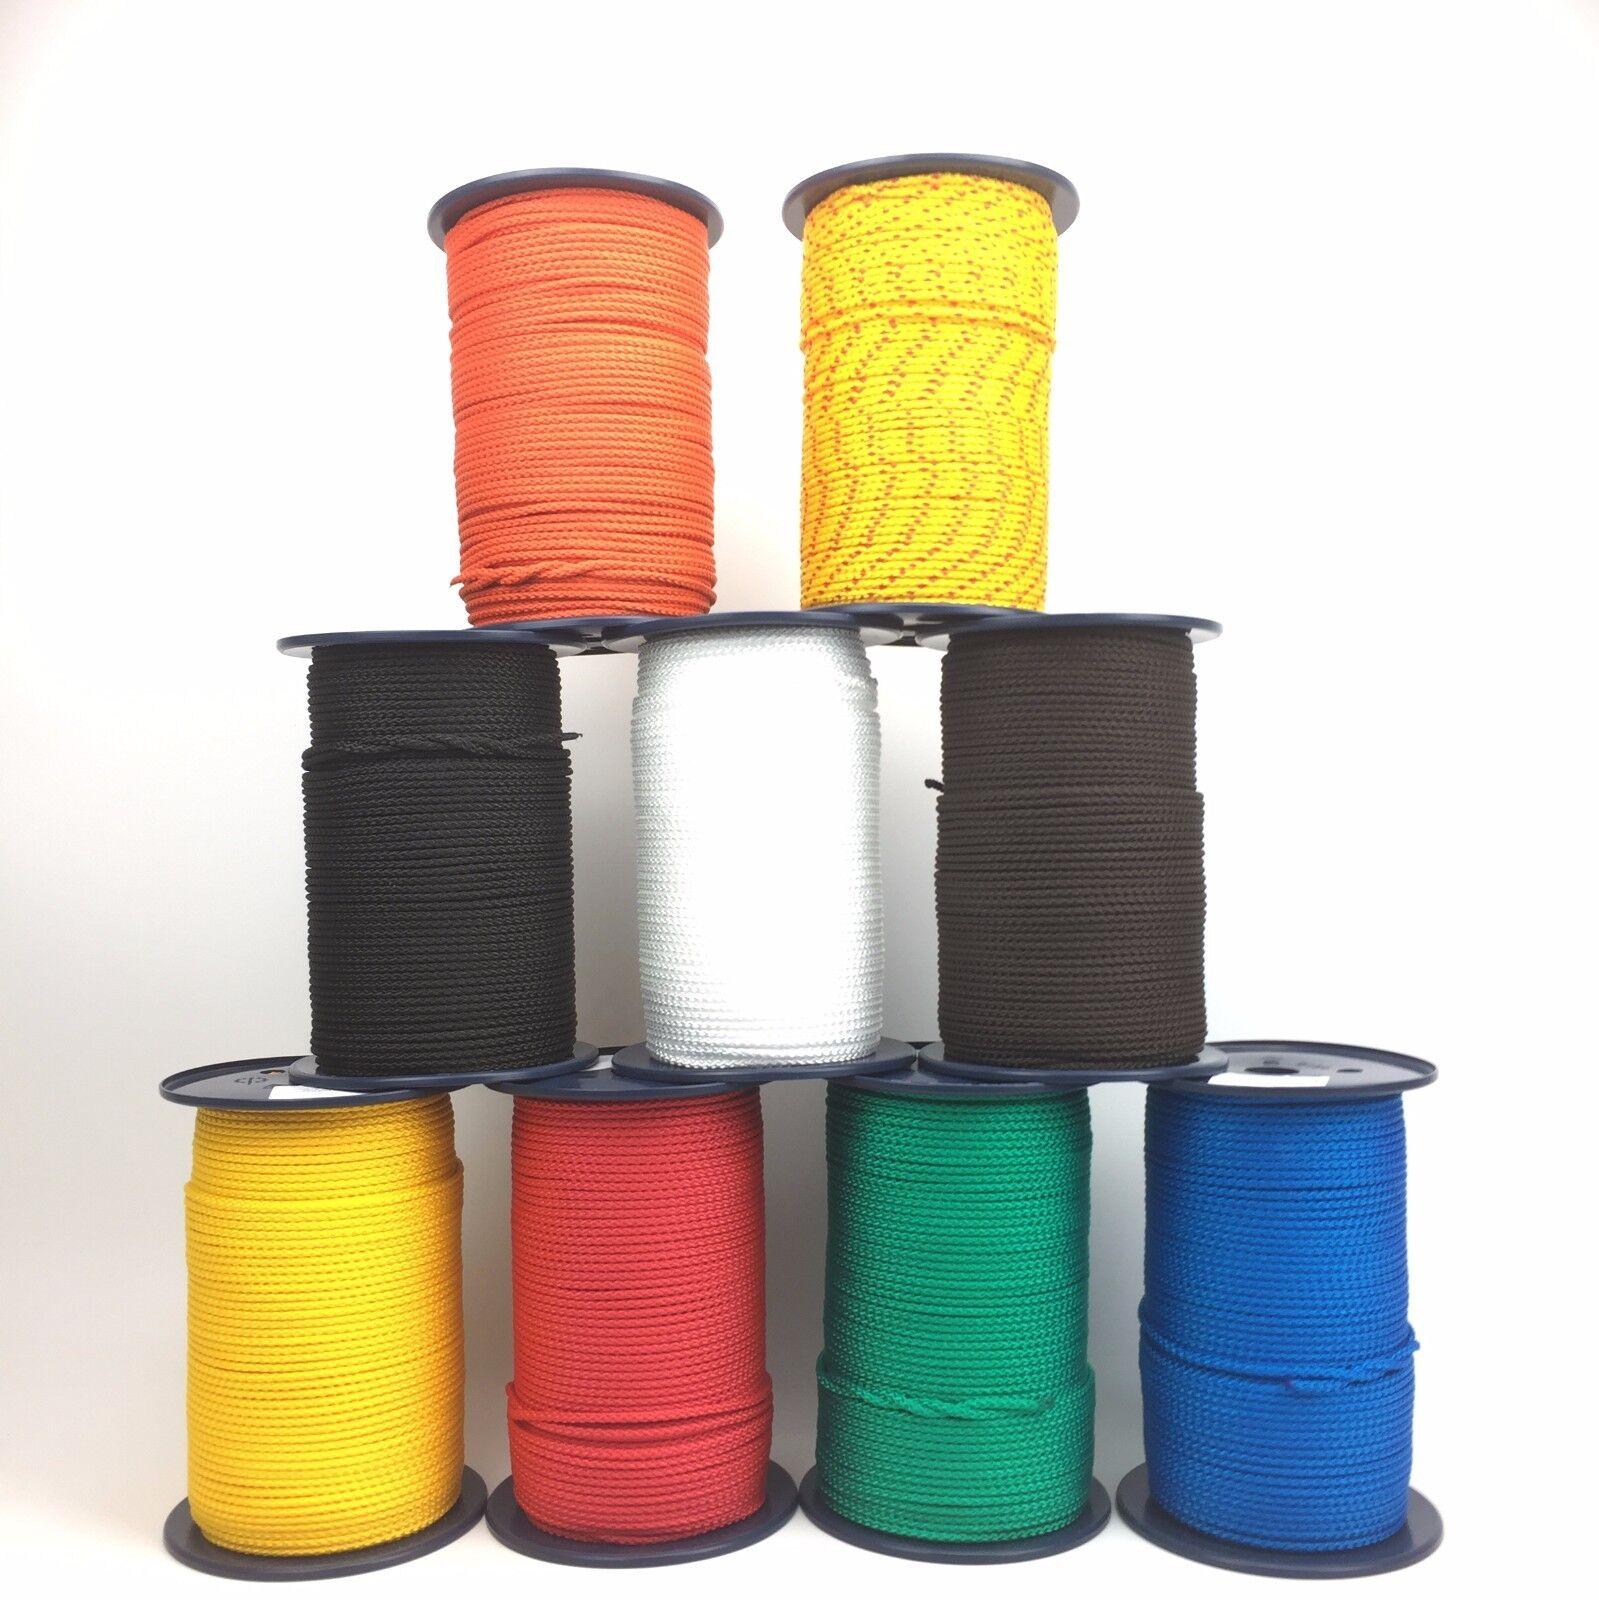 8mm Geflochtene Polypropylen Schnur Colourline Paracord Zugleine Craft Stabil